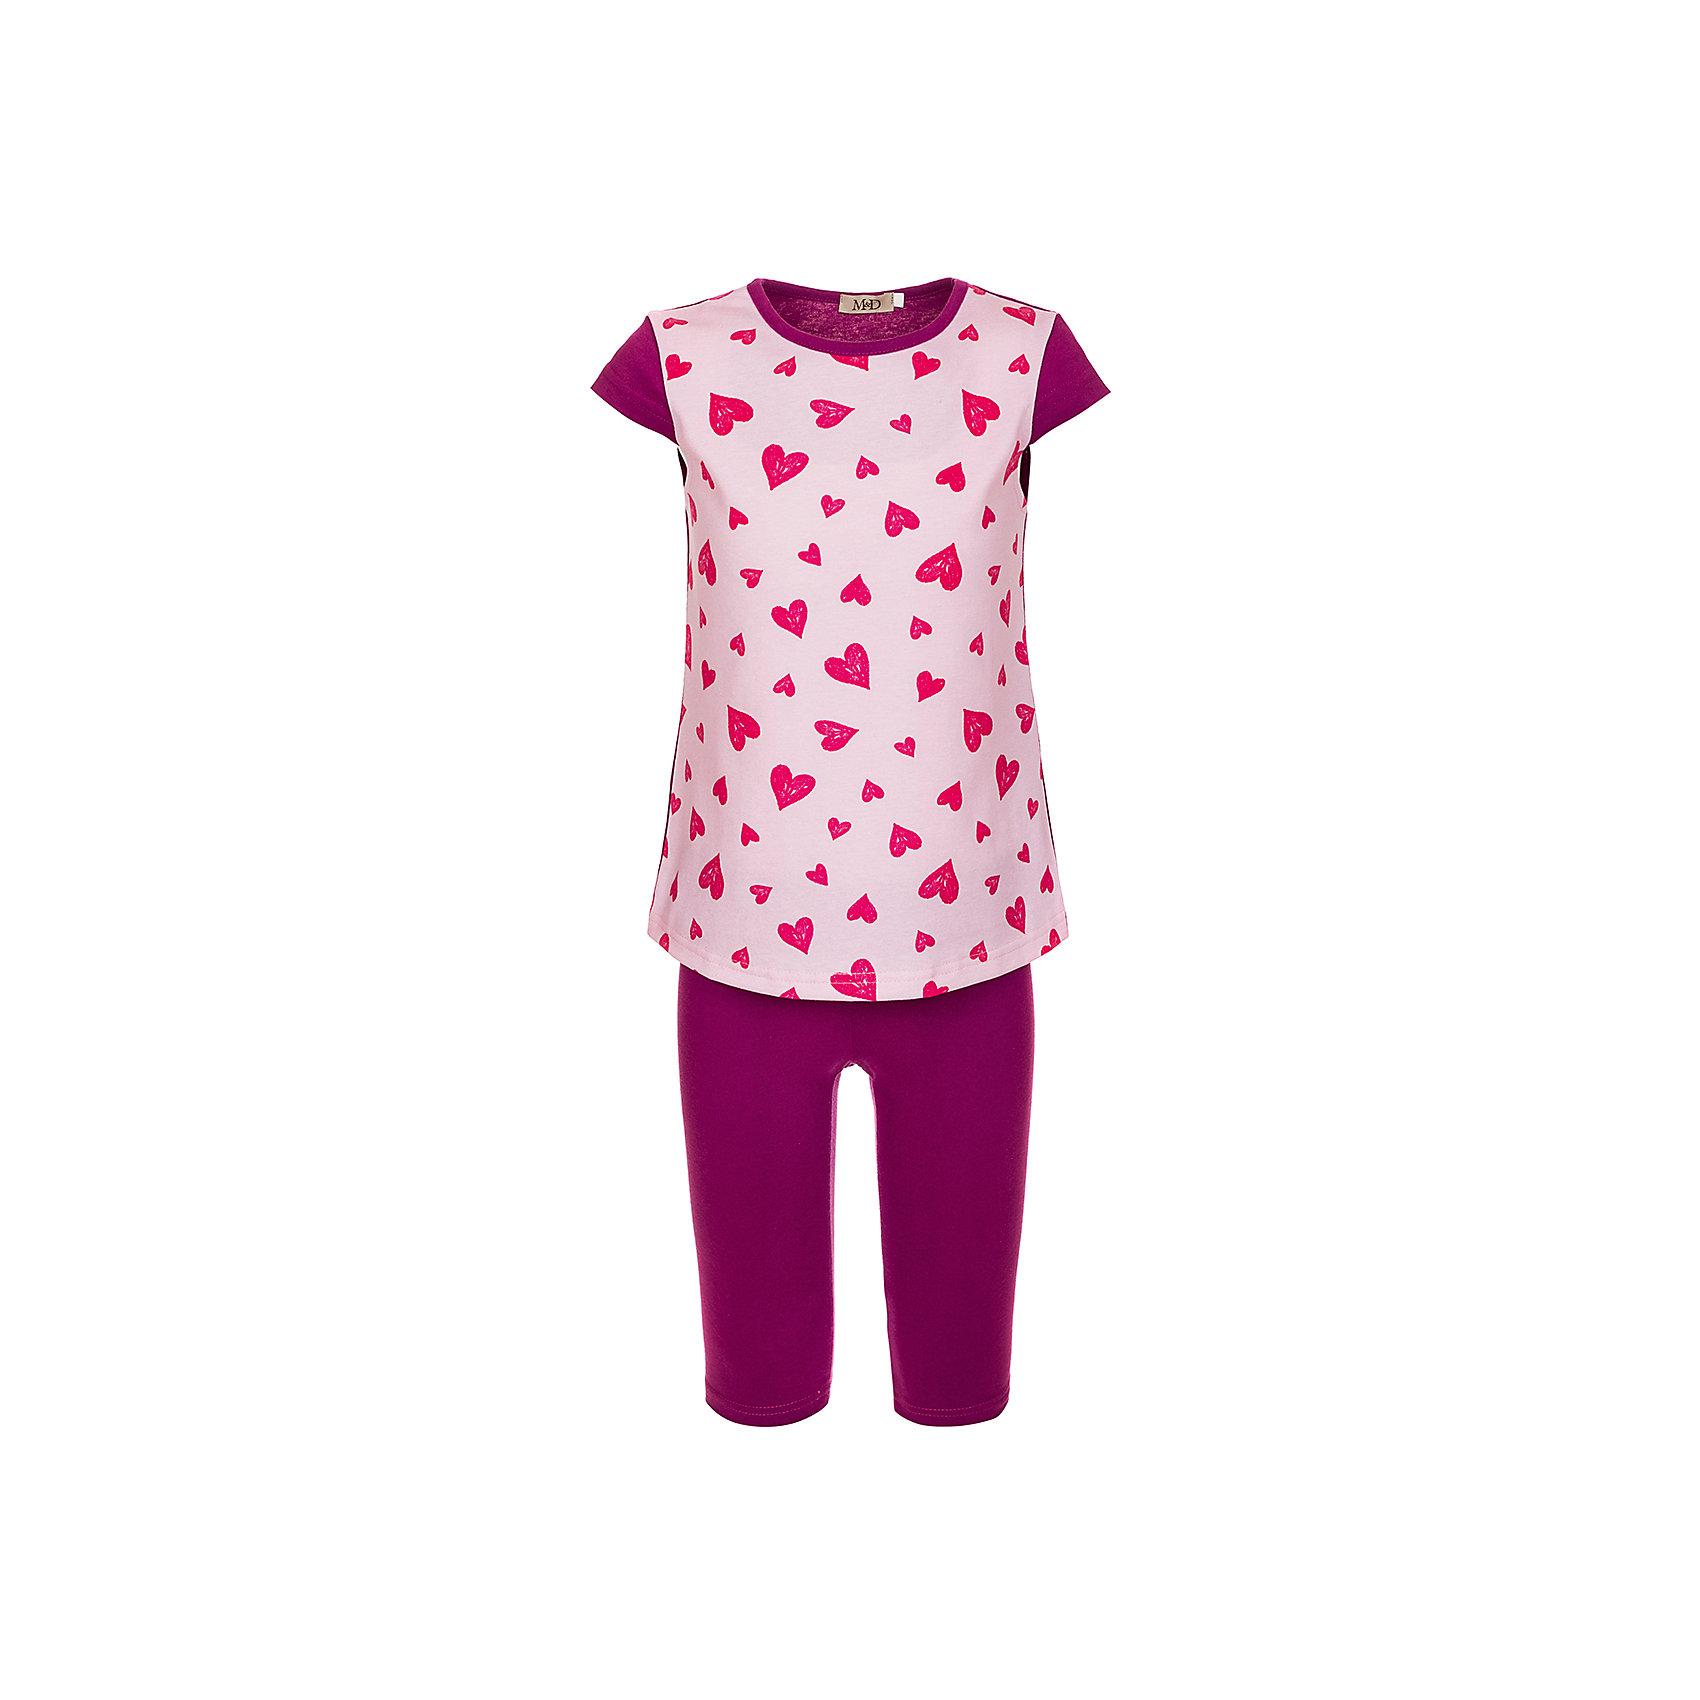 Комплект: футболка и бриджи M&amp;D для девочкиКомплекты<br>Комплект для девочки:футболка и бриджи.Соответствуют размеру.<br>Состав:<br>100% хлопок<br><br>Ширина мм: 191<br>Глубина мм: 10<br>Высота мм: 175<br>Вес г: 273<br>Цвет: розовый<br>Возраст от месяцев: 48<br>Возраст до месяцев: 60<br>Пол: Женский<br>Возраст: Детский<br>Размер: 110,104<br>SKU: 7012561